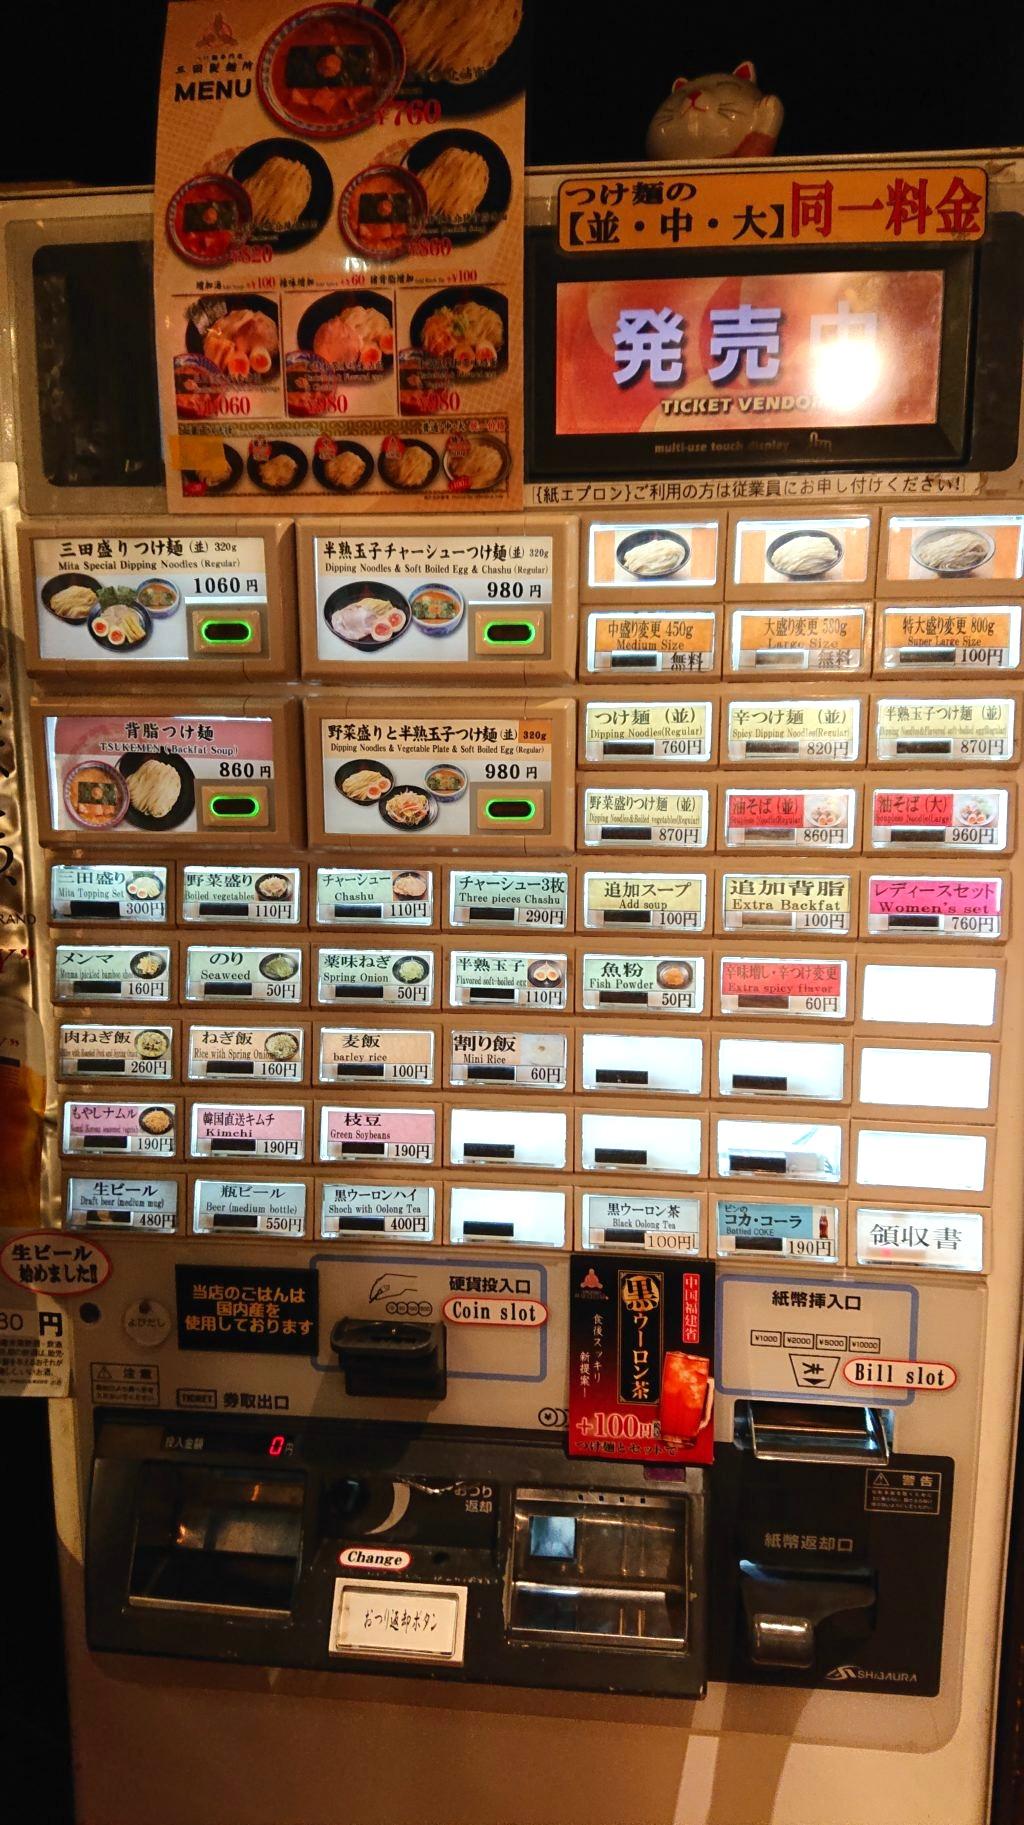 三田製麺所 恵比寿南店 食券機のメニュー